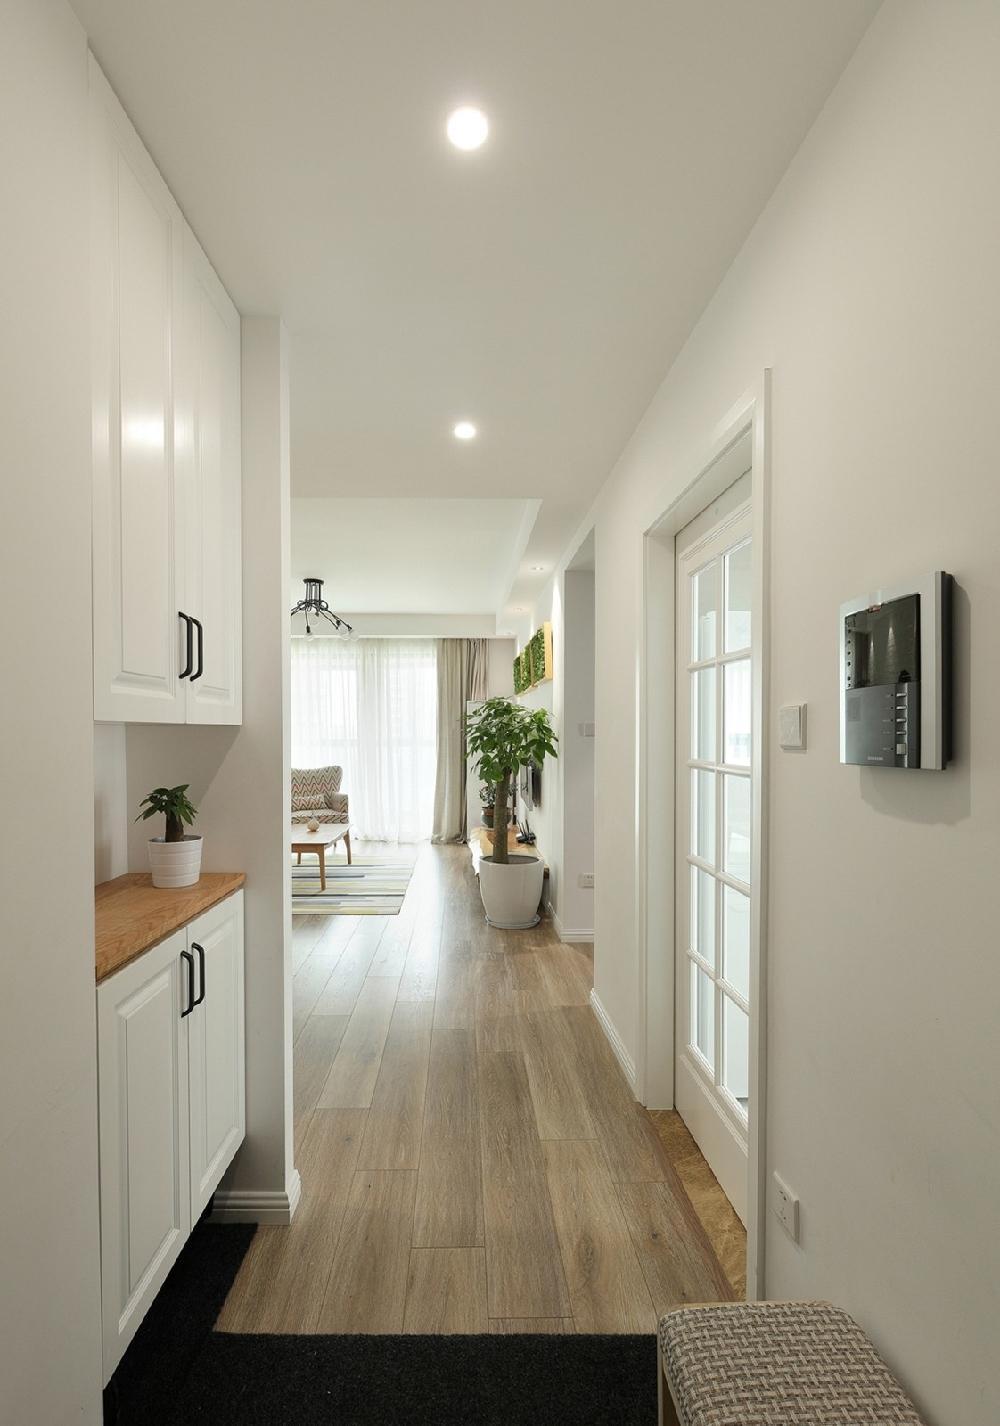 宜家风格 两室一厅 105平10706225